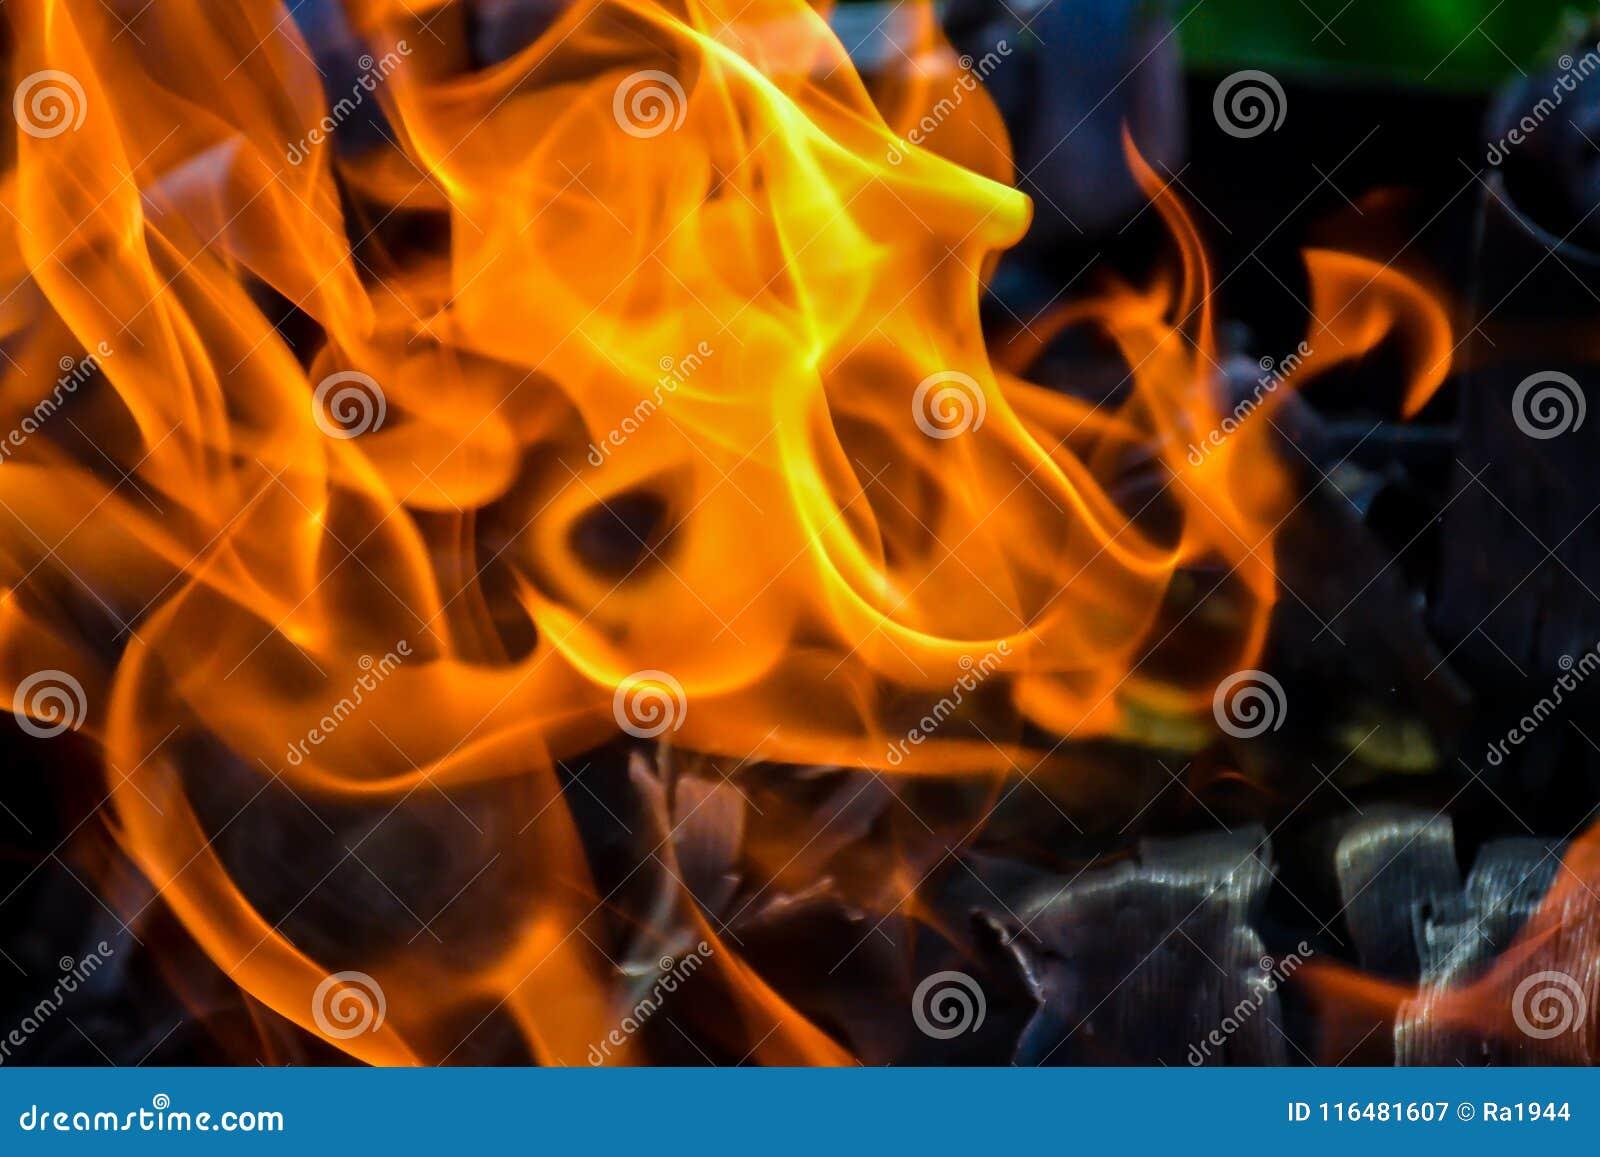 Abstrakt bakgrund av brand, kol, flammor och vridningsbeståndsdelar av askaen